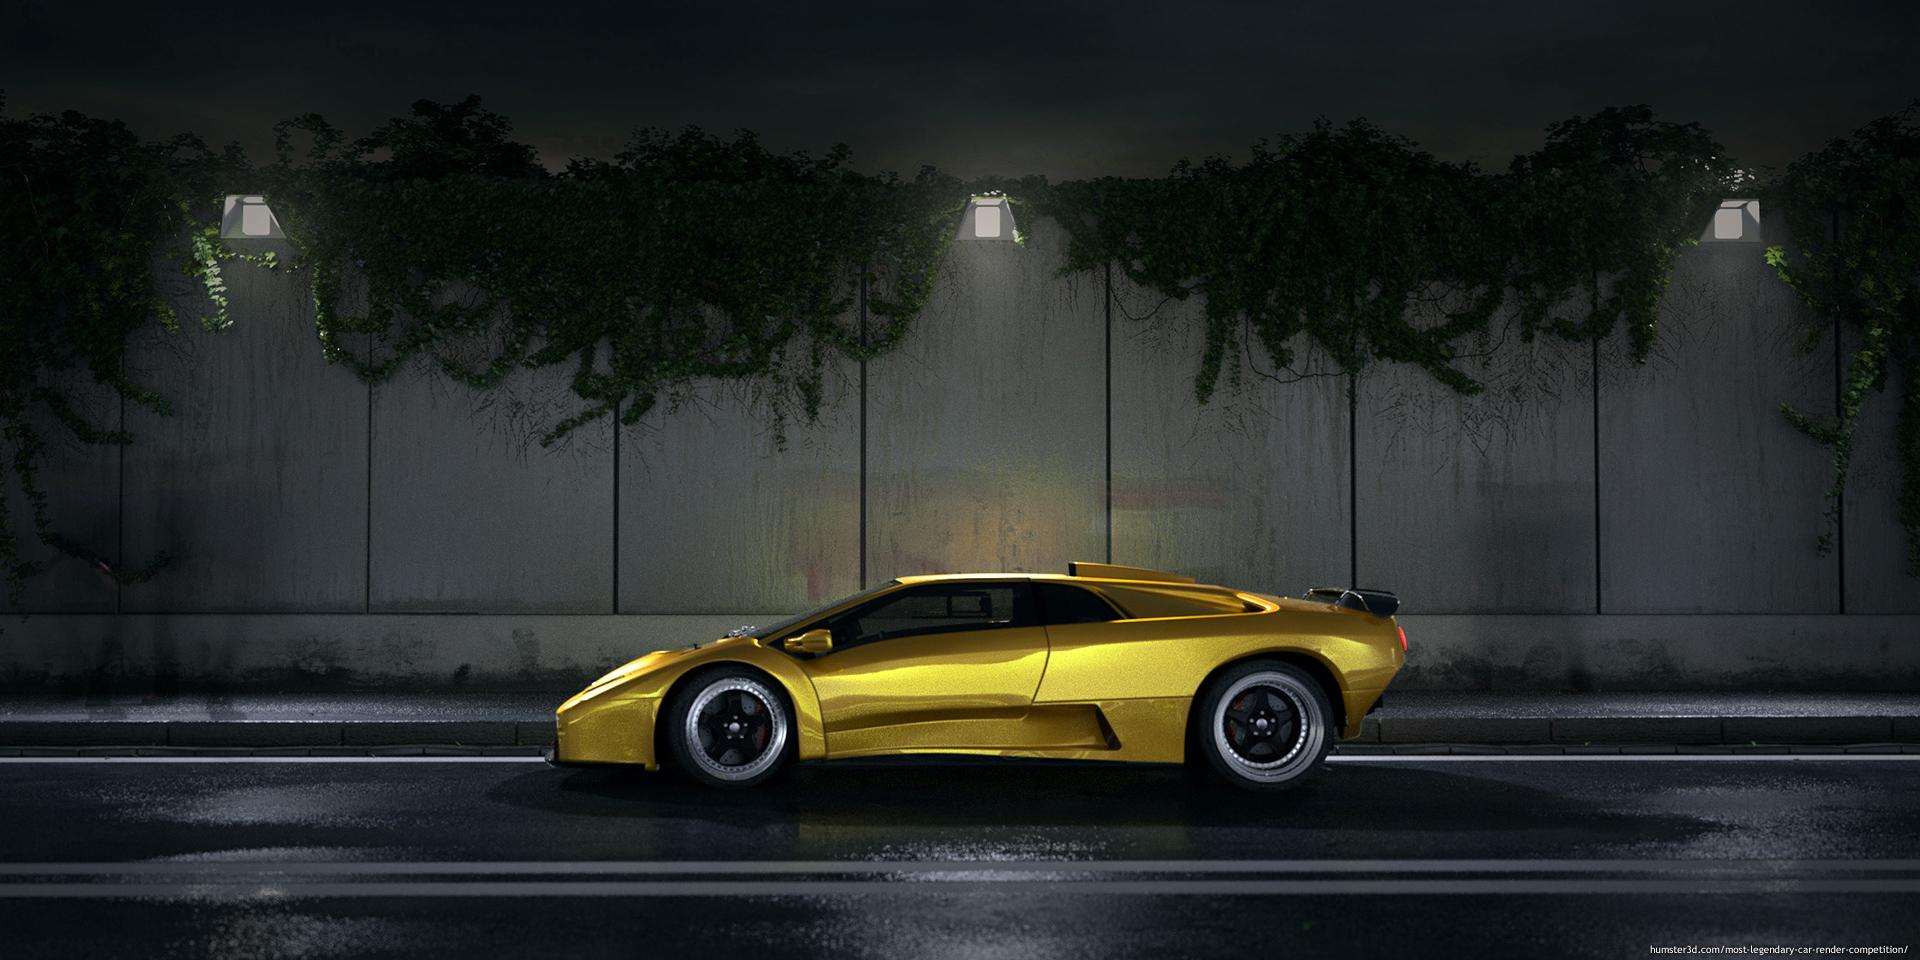 Golden ticket 3d art